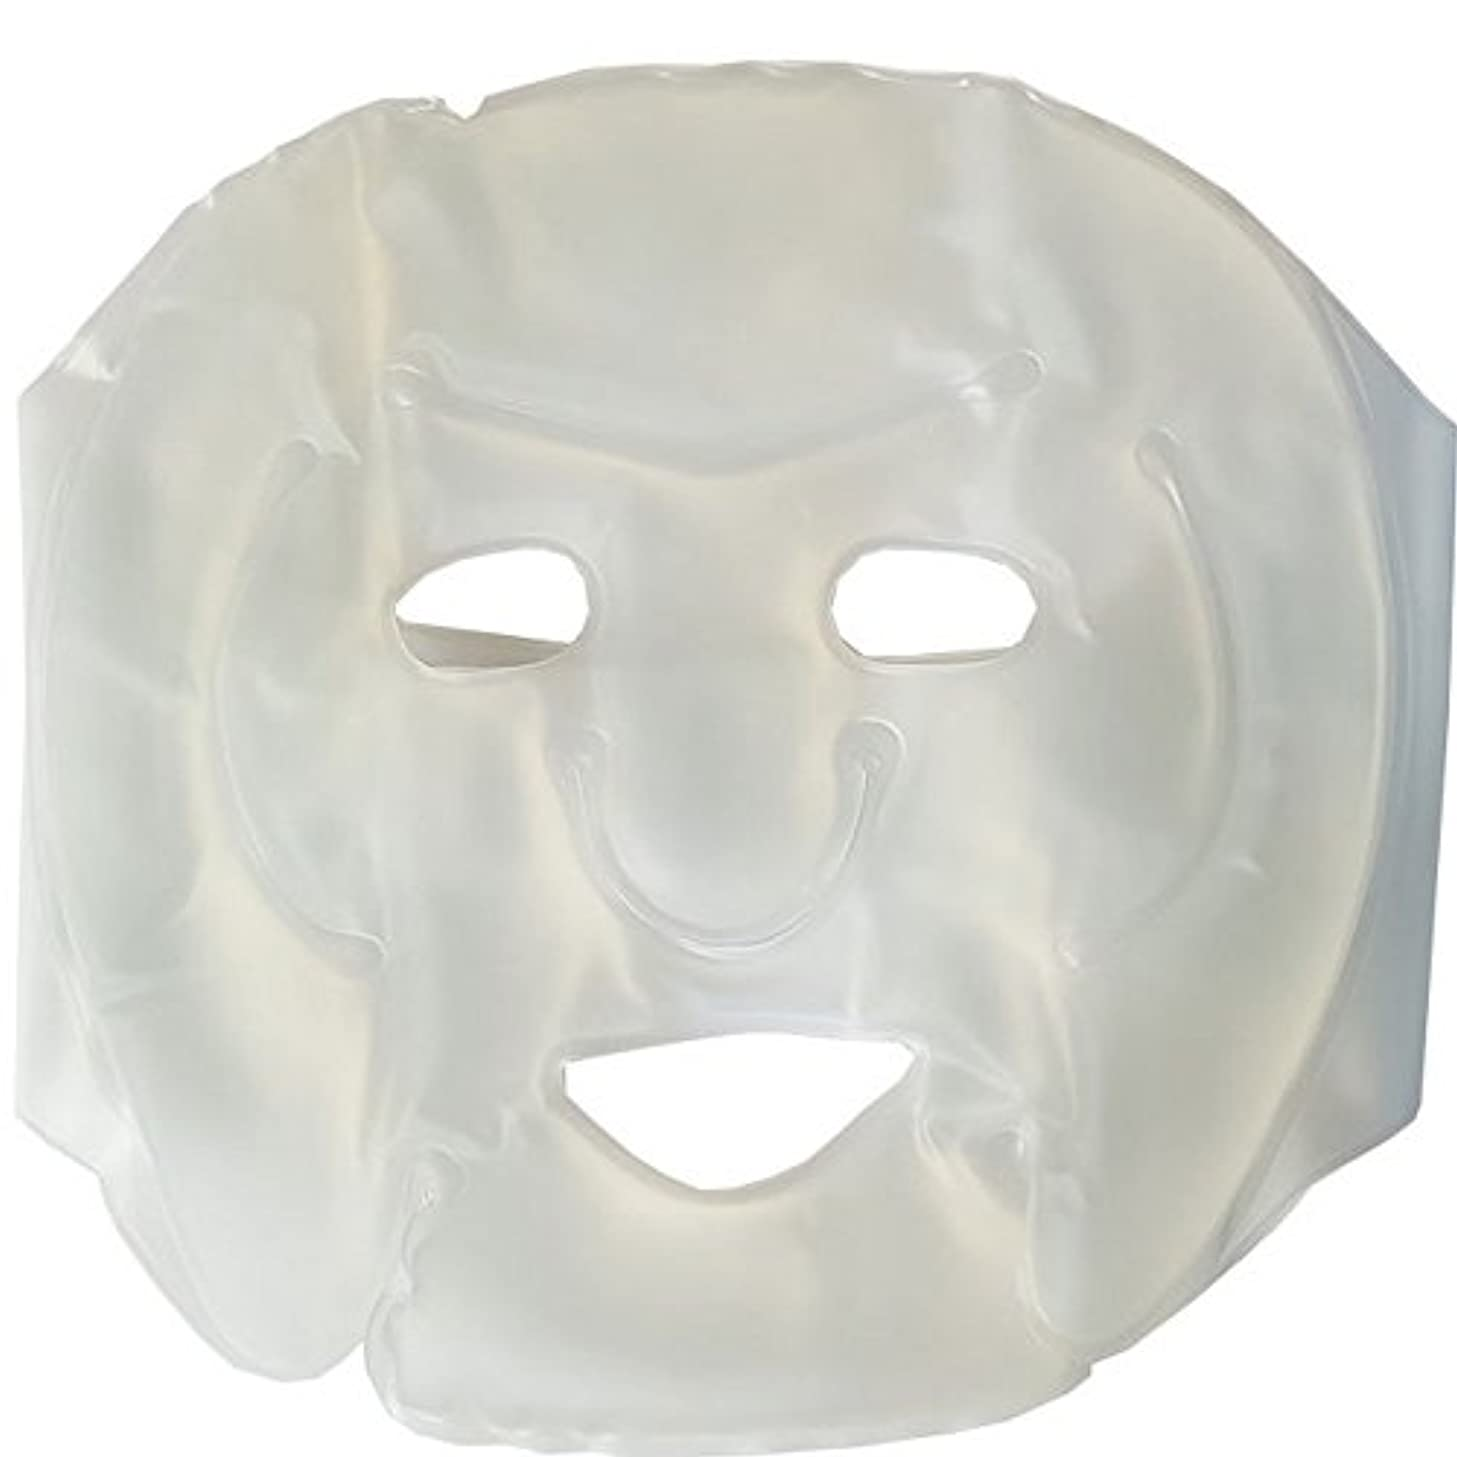 トレイ恥ずかしさ無効にするMDP 顔マッサージジェルマスク アイスジェルパック 冷却パック アイスマスク アイスパック レーザー後の鎮静に グリーン